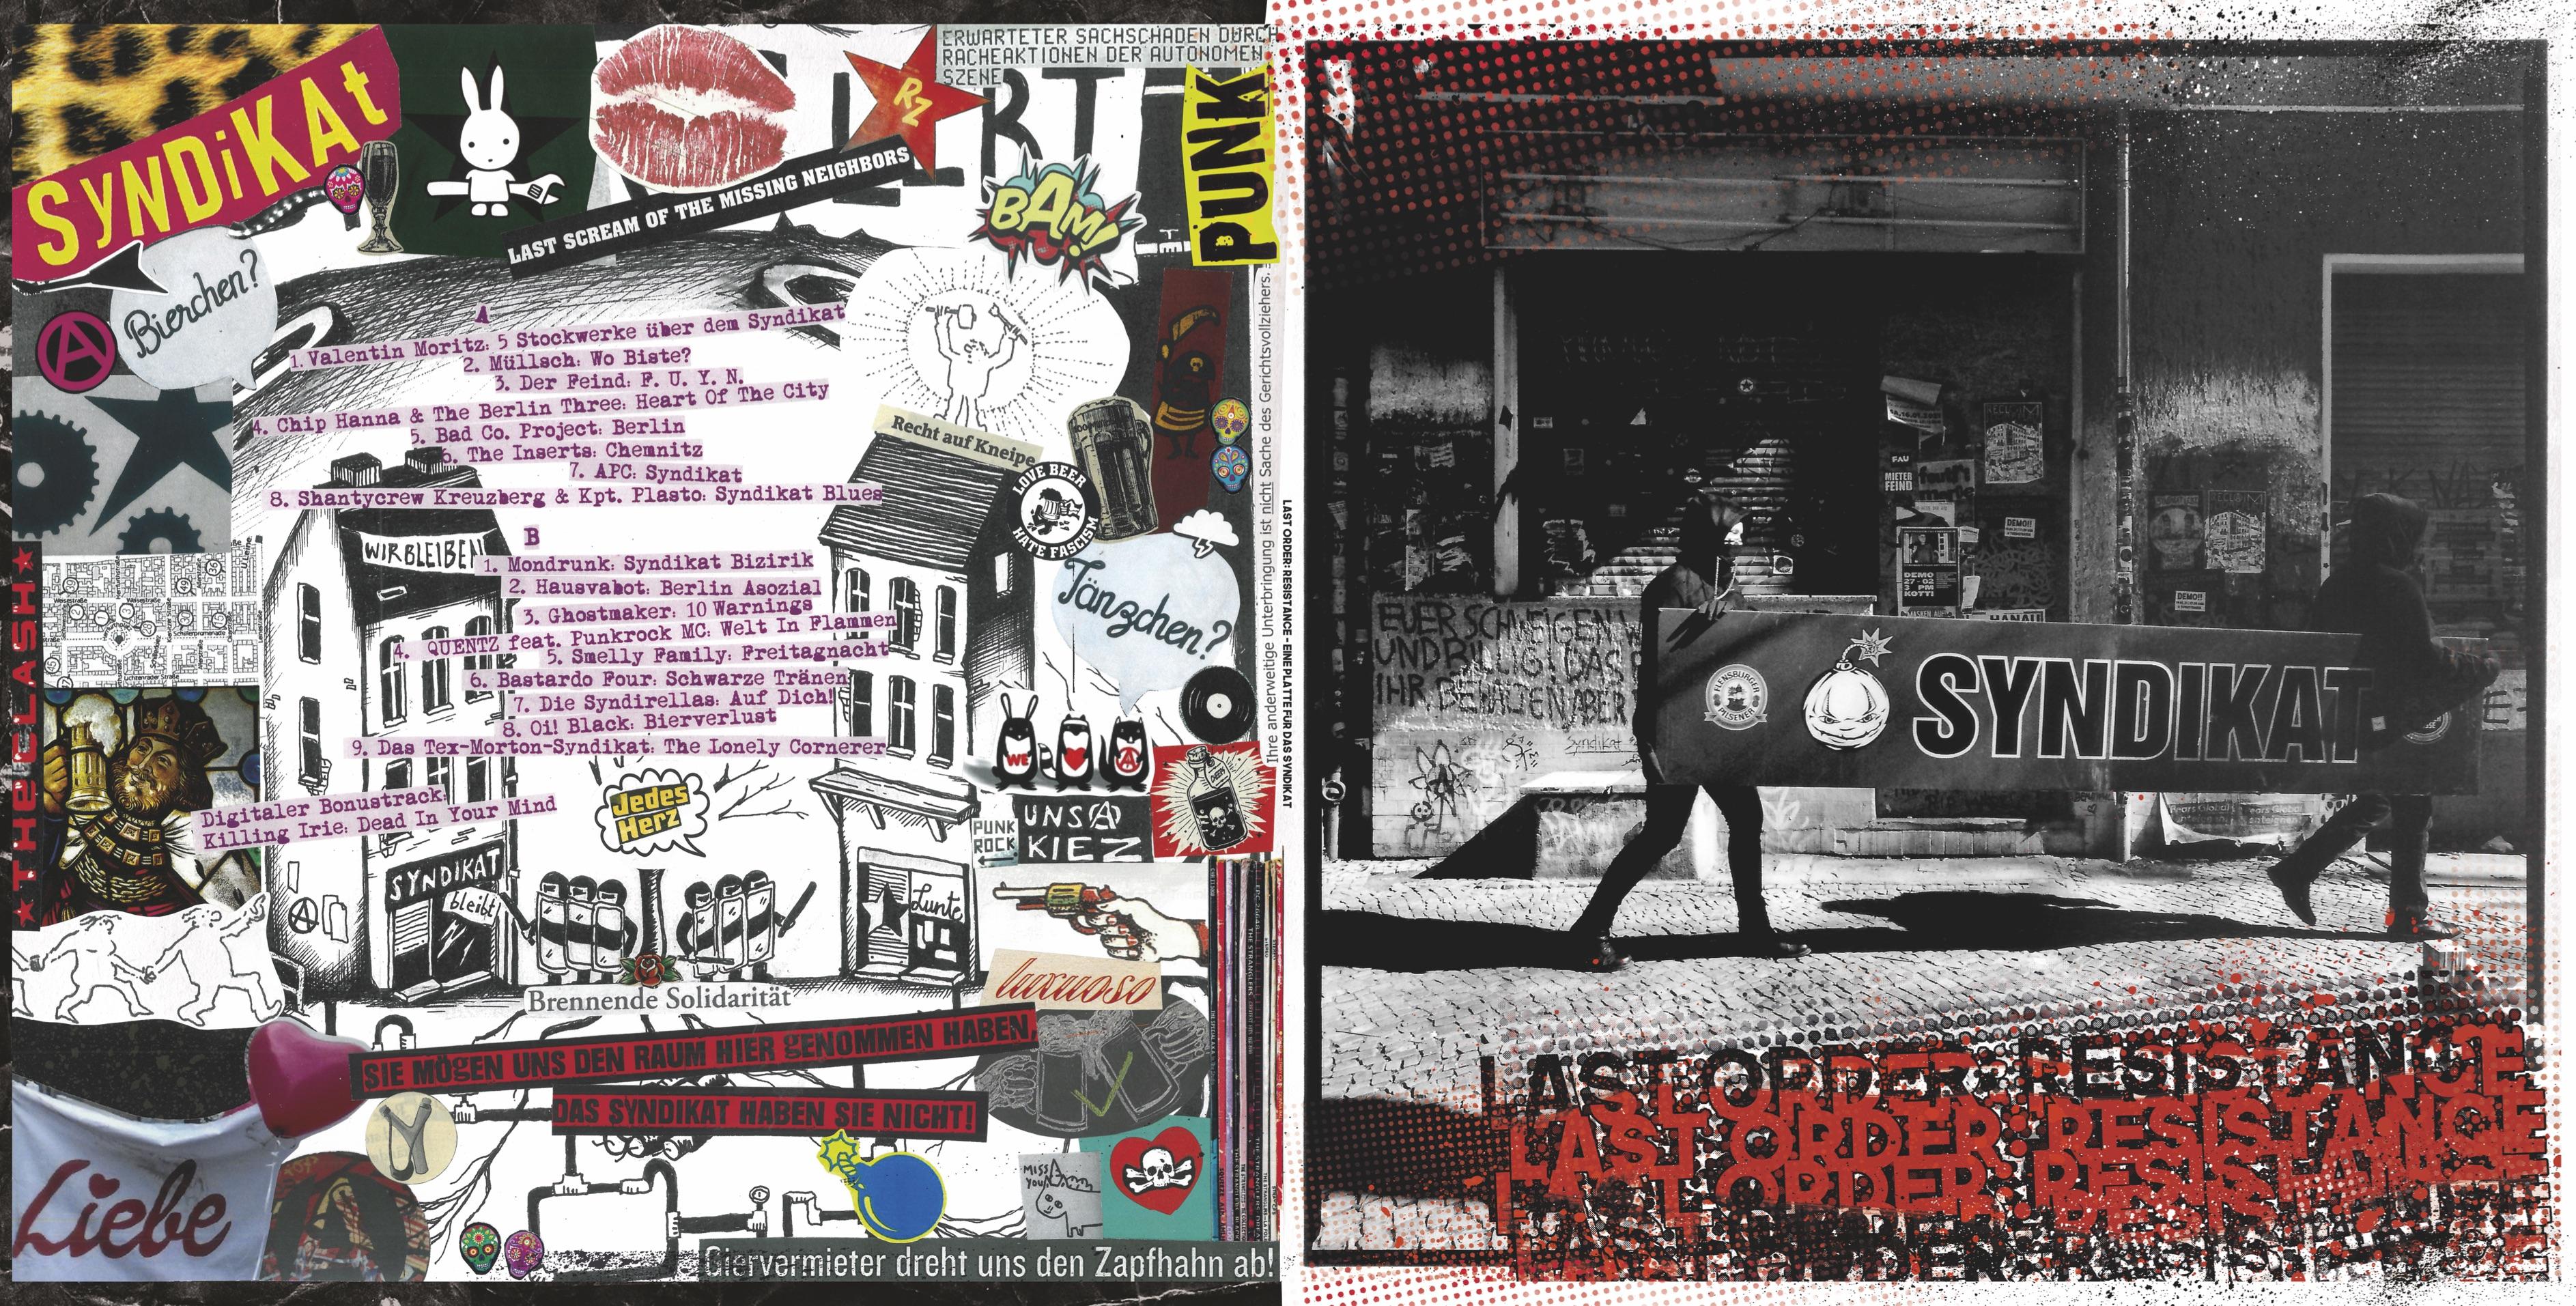 Syndikat_Cover_Vinyl